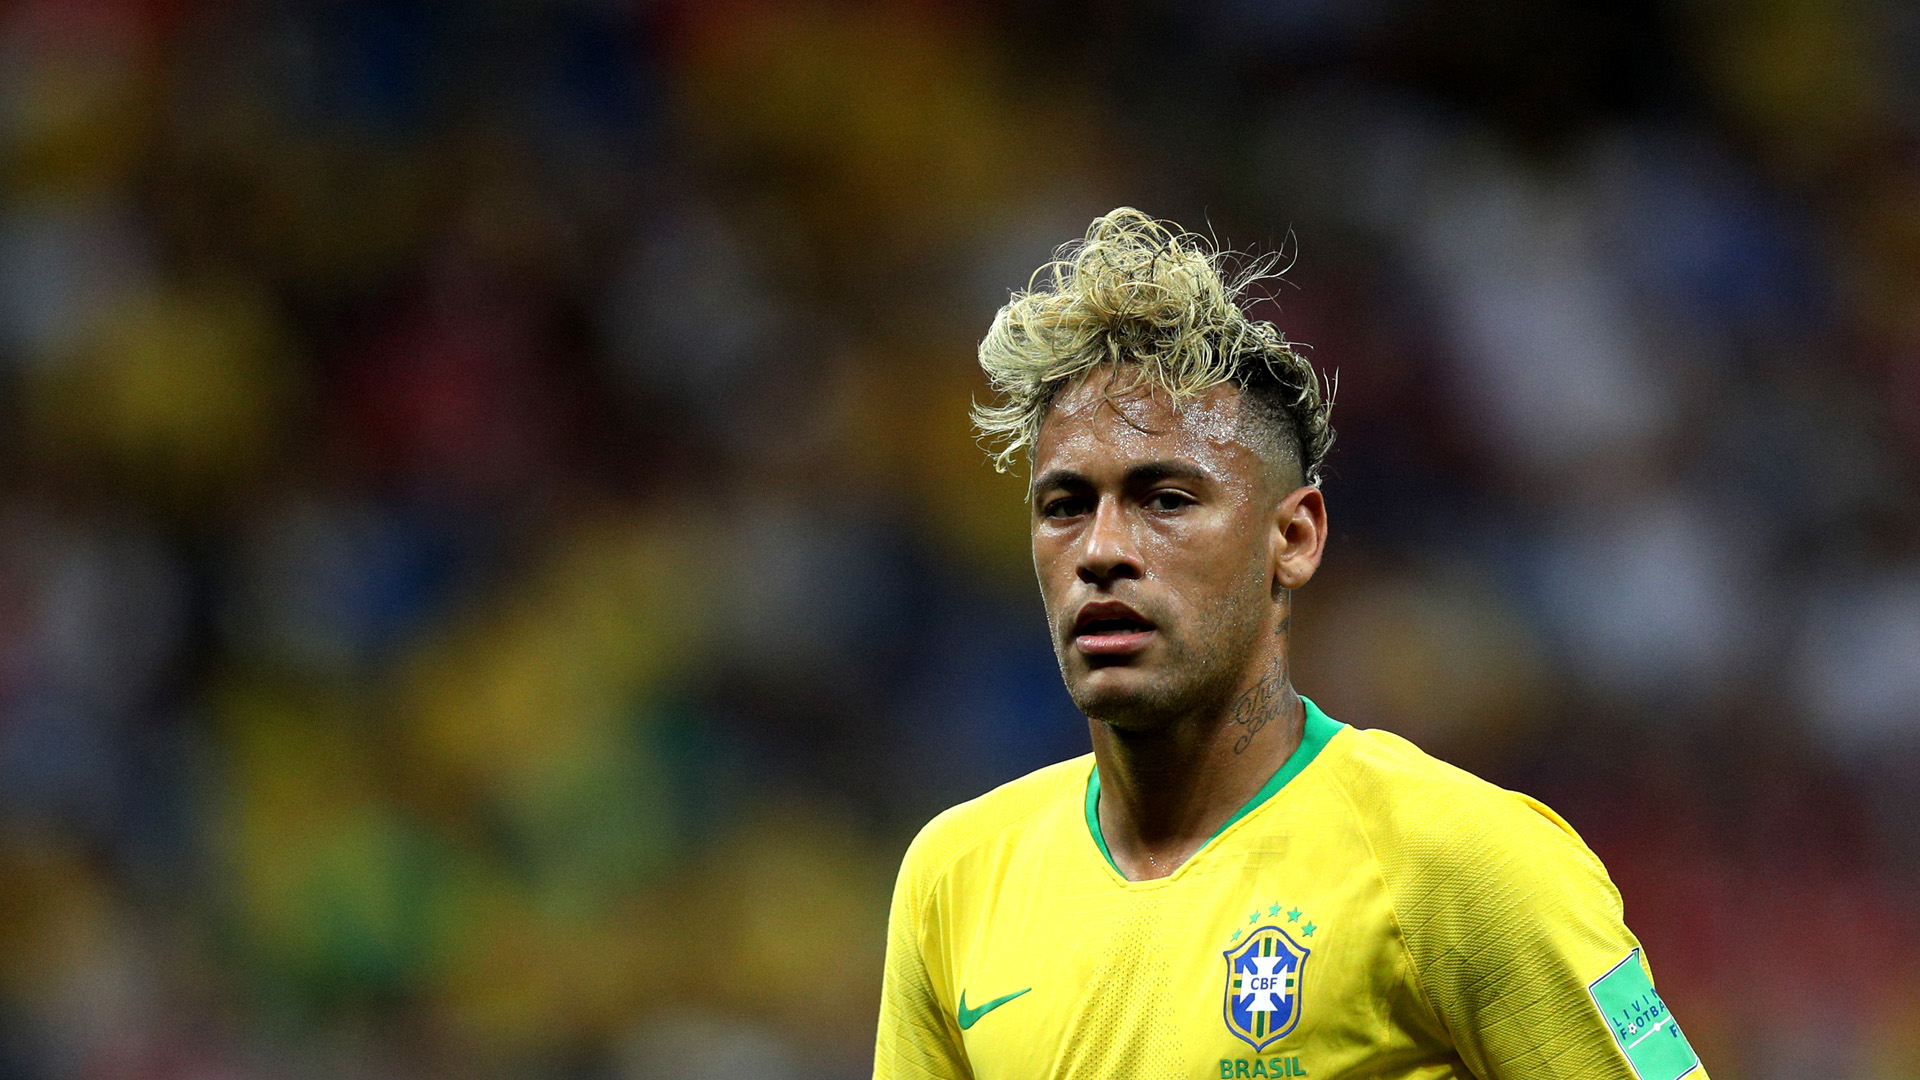 Neymar brasilien wm 2018 15062018 lunh5t1td5h518xt0f8hhnrzp